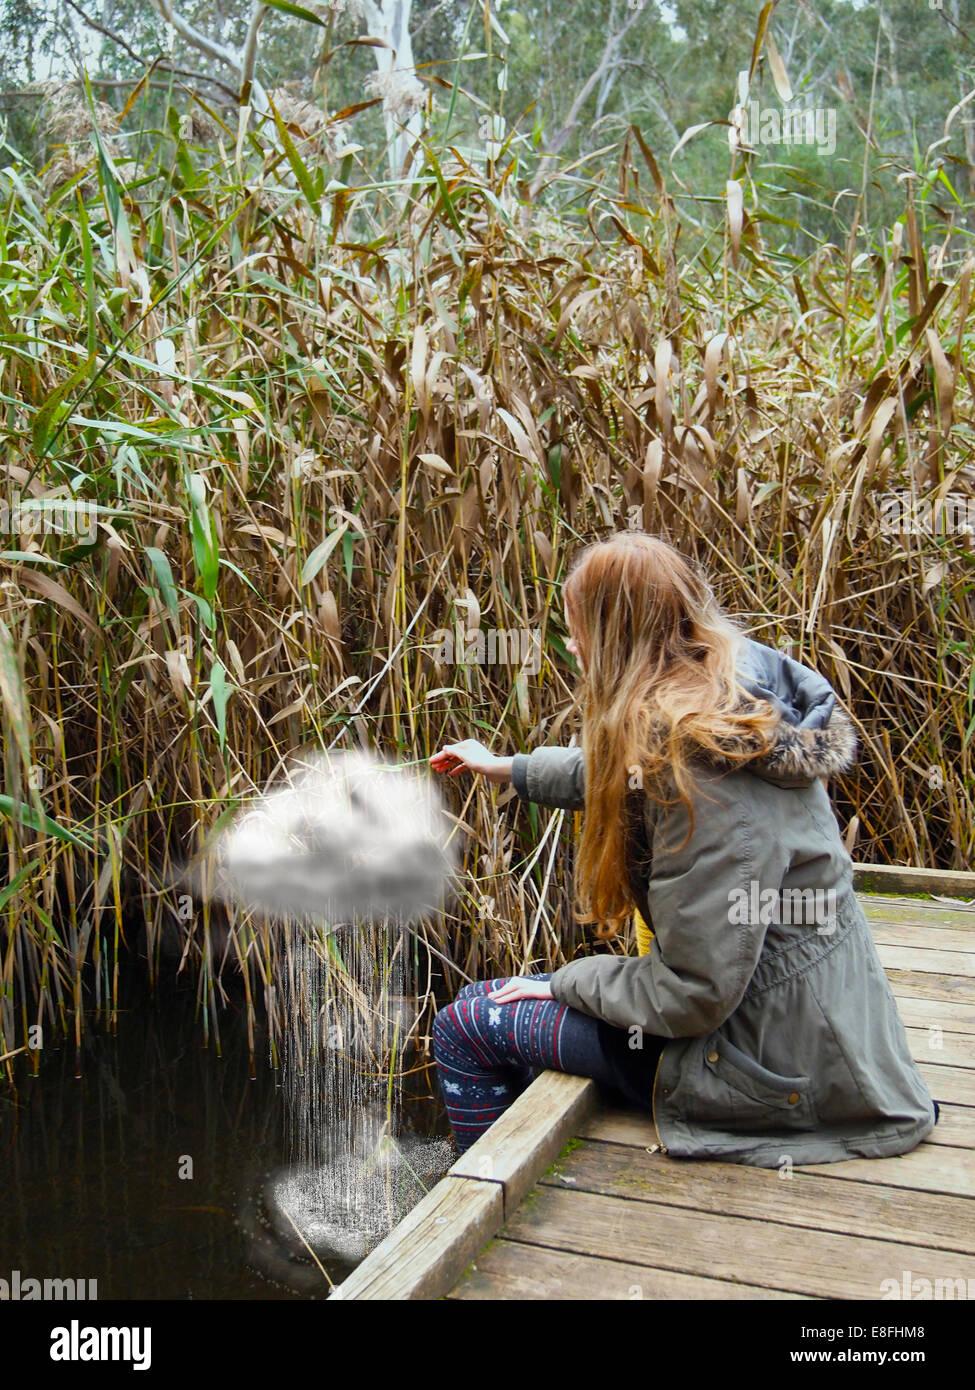 Woman sitting on jetty making rain cloud - Stock Image